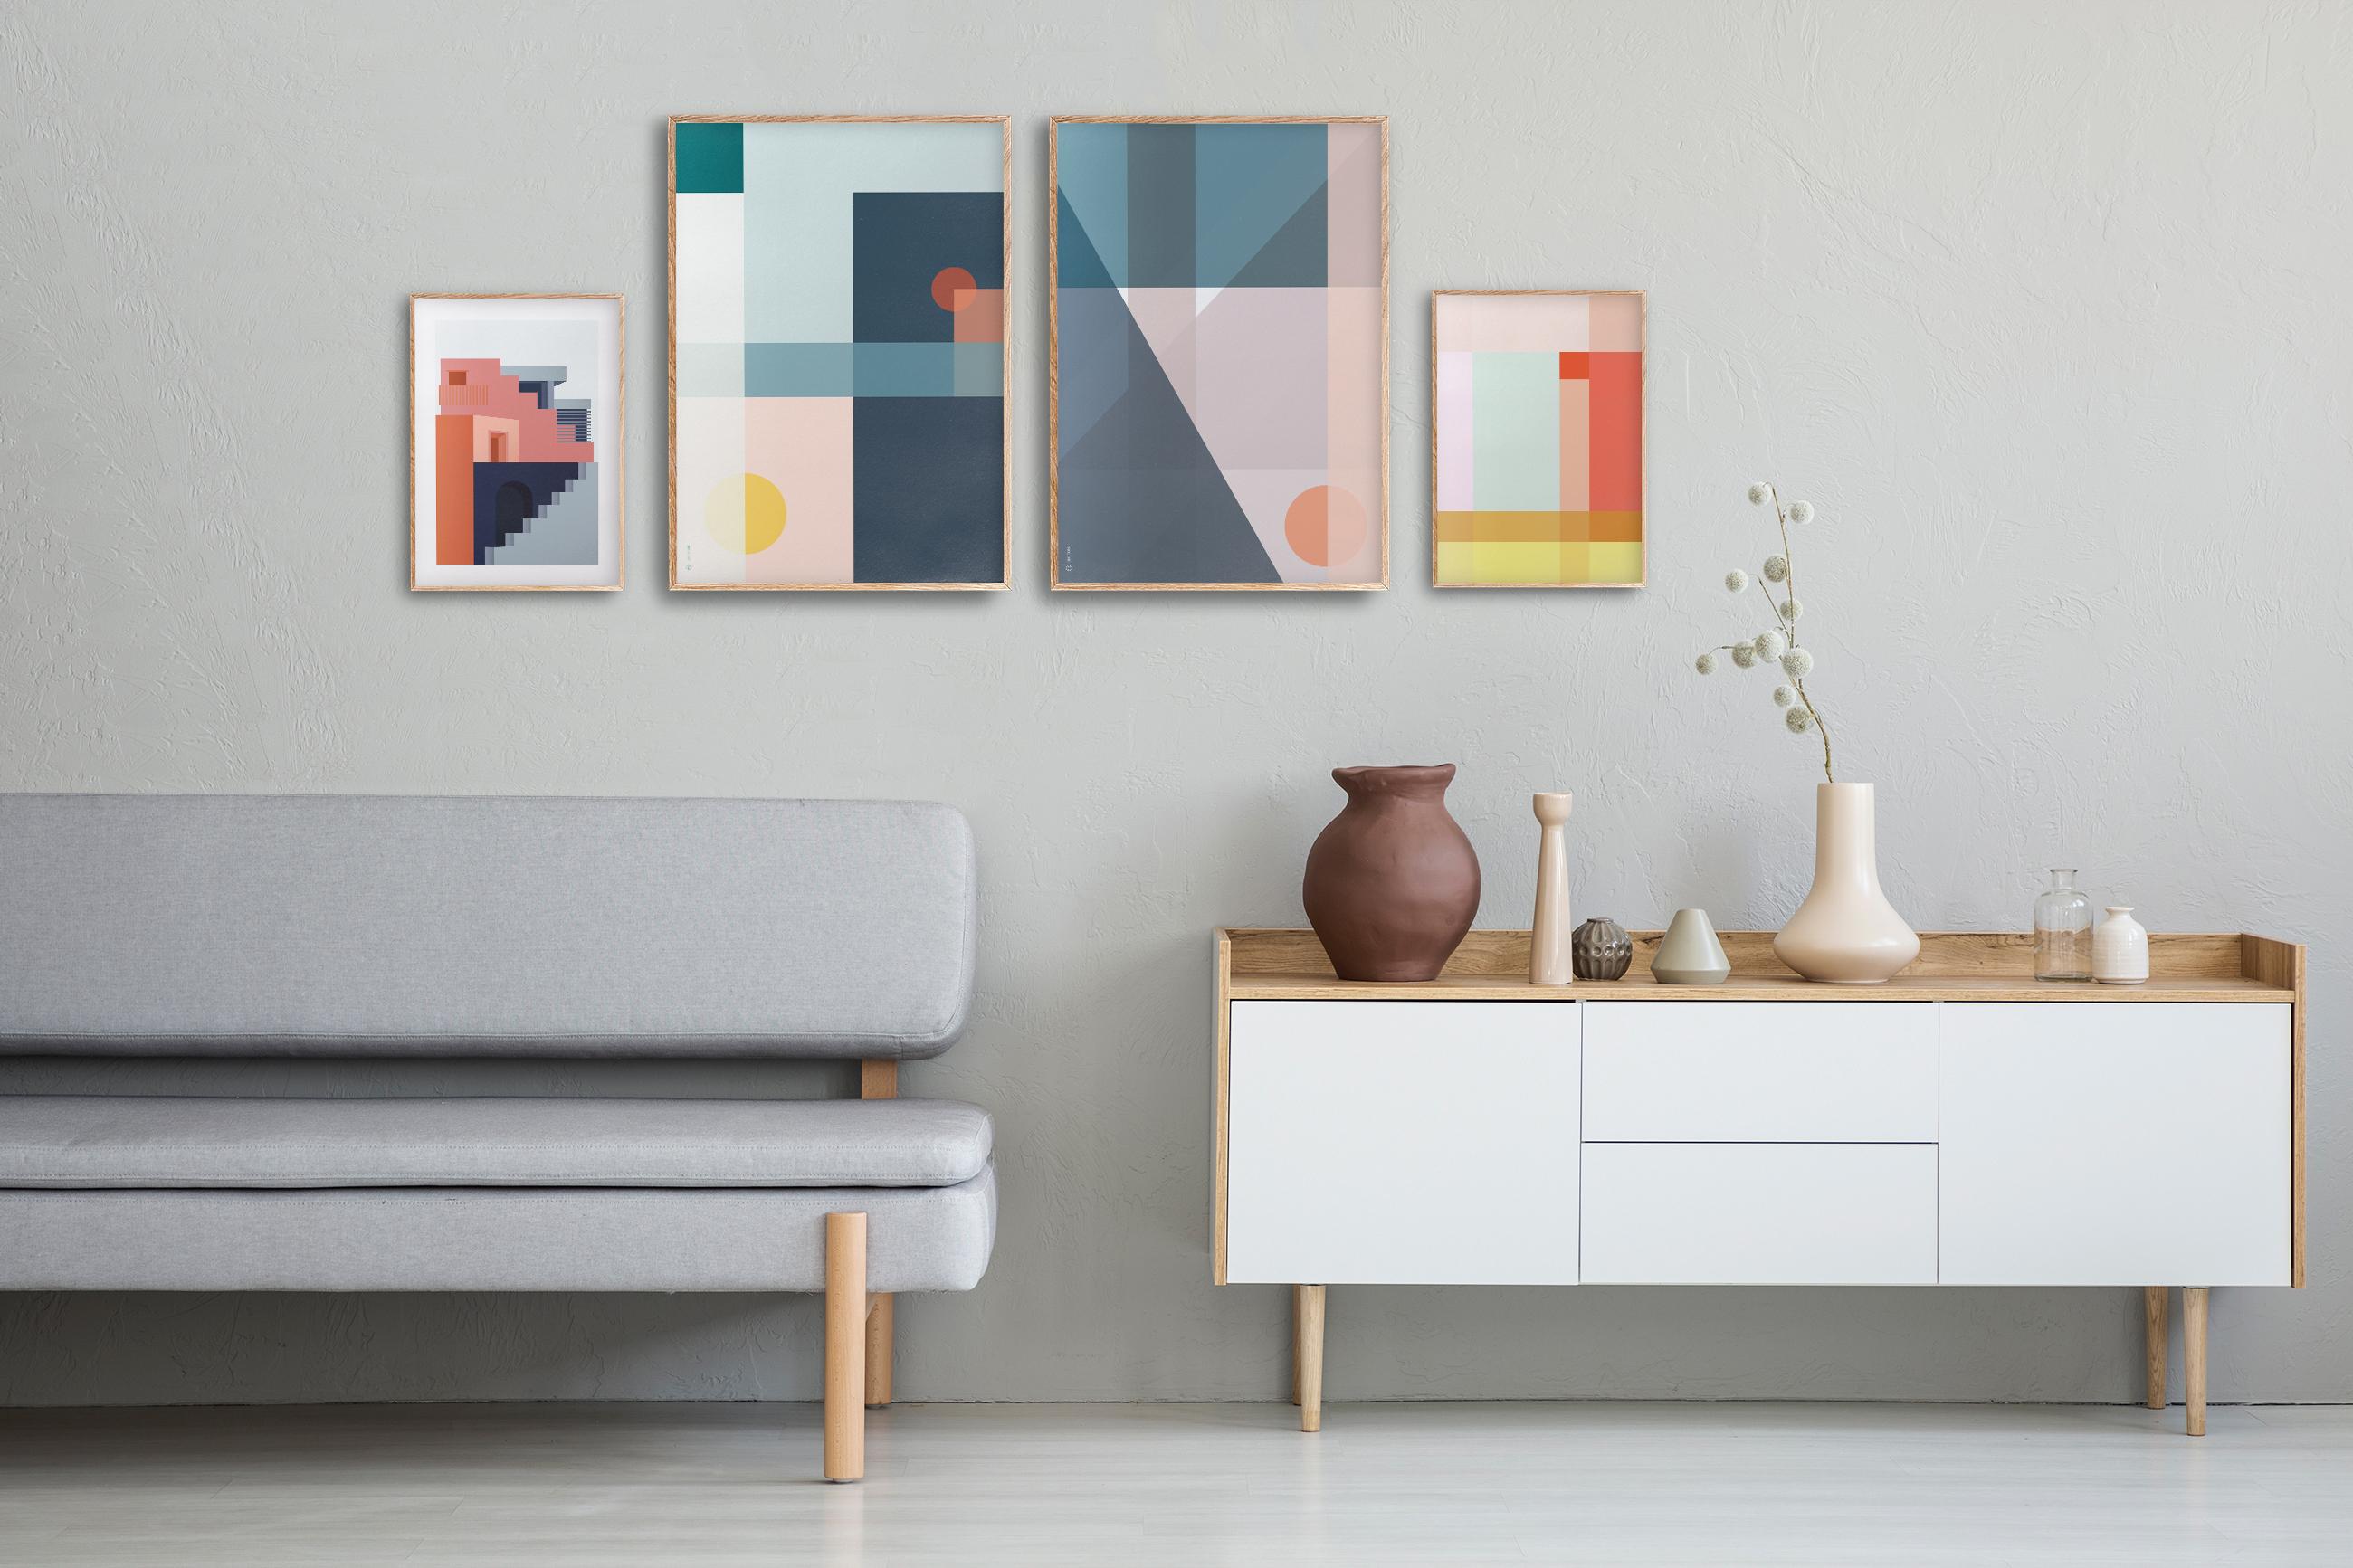 Plakater geometrisk   grafisk plakat   plakatvegg   fargerik   ramme   pastell   interiør   sorbet   av ohoi studio